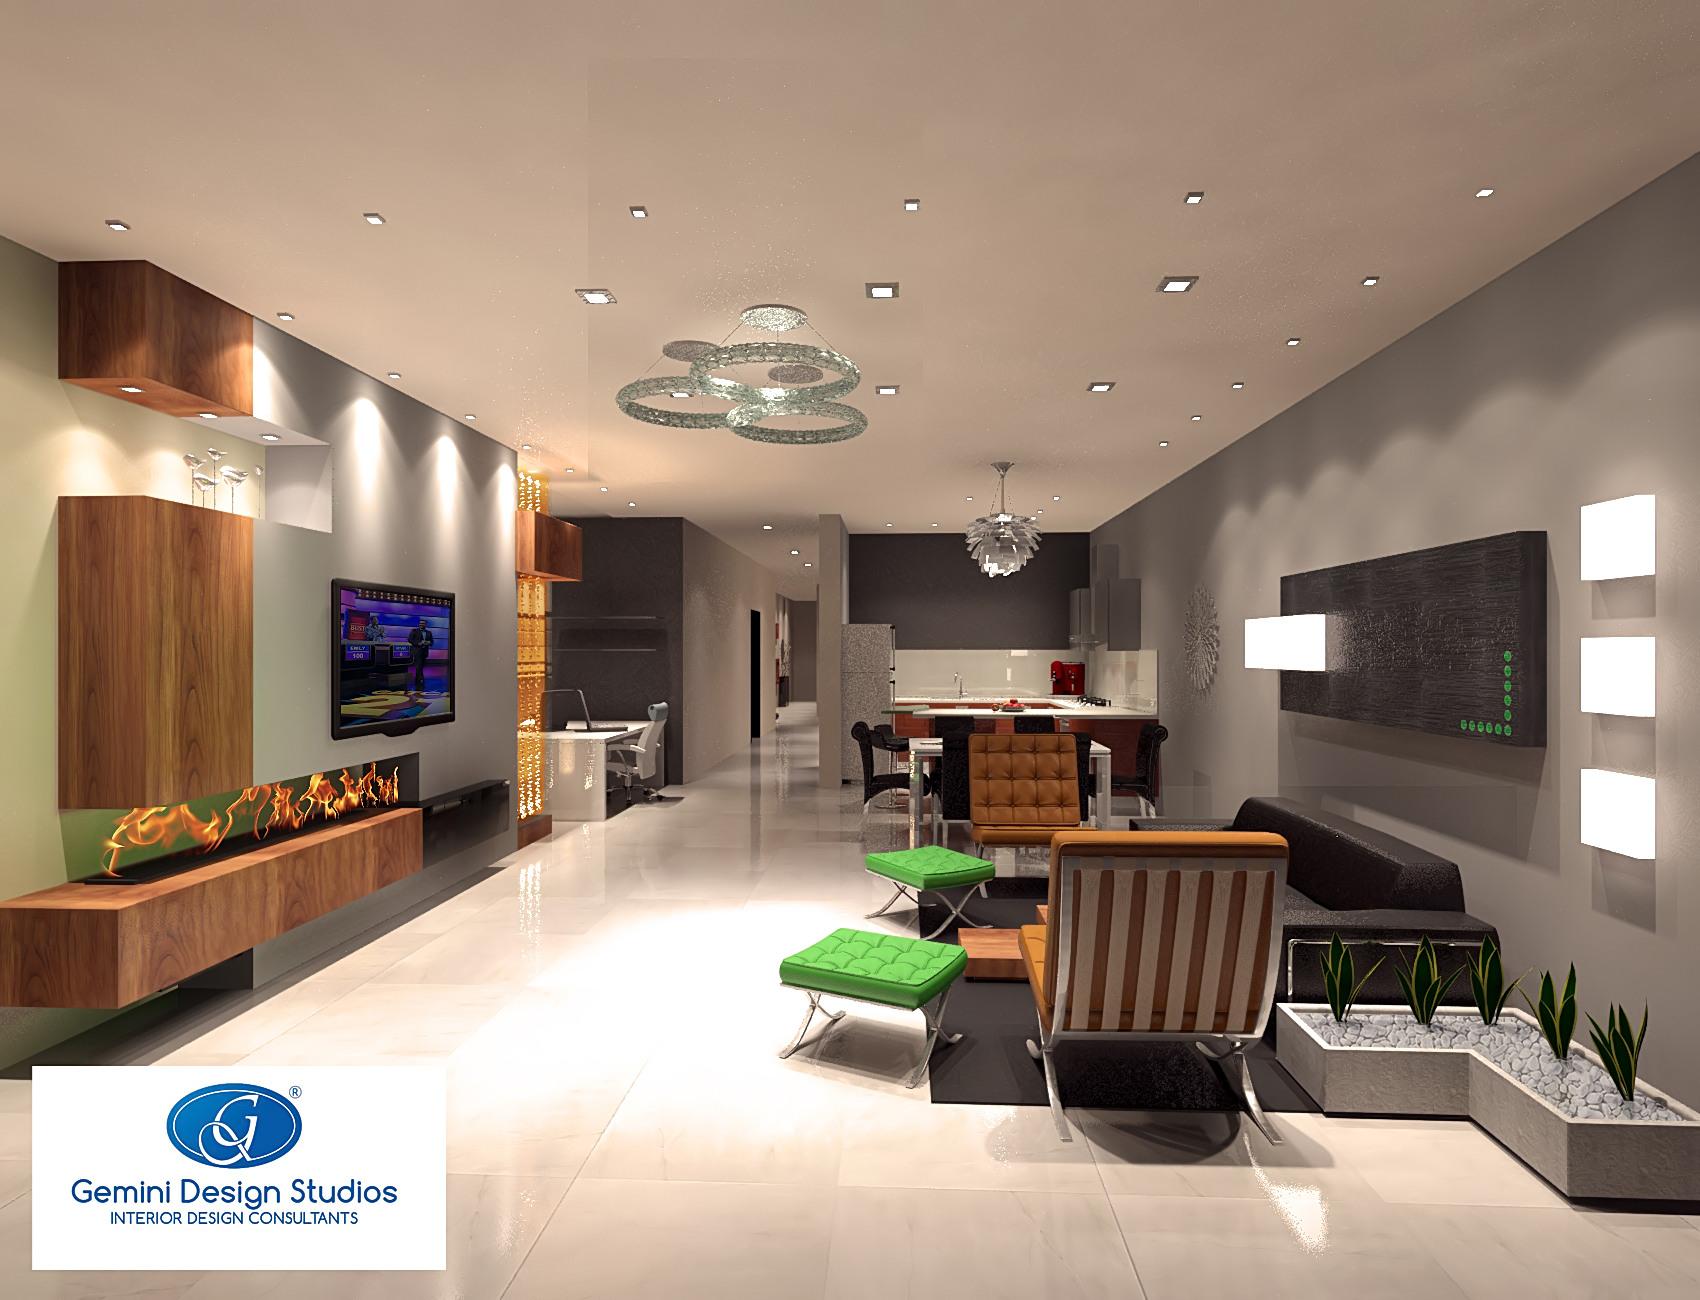 Interior design malta gemini design studios for Modern home decor malta